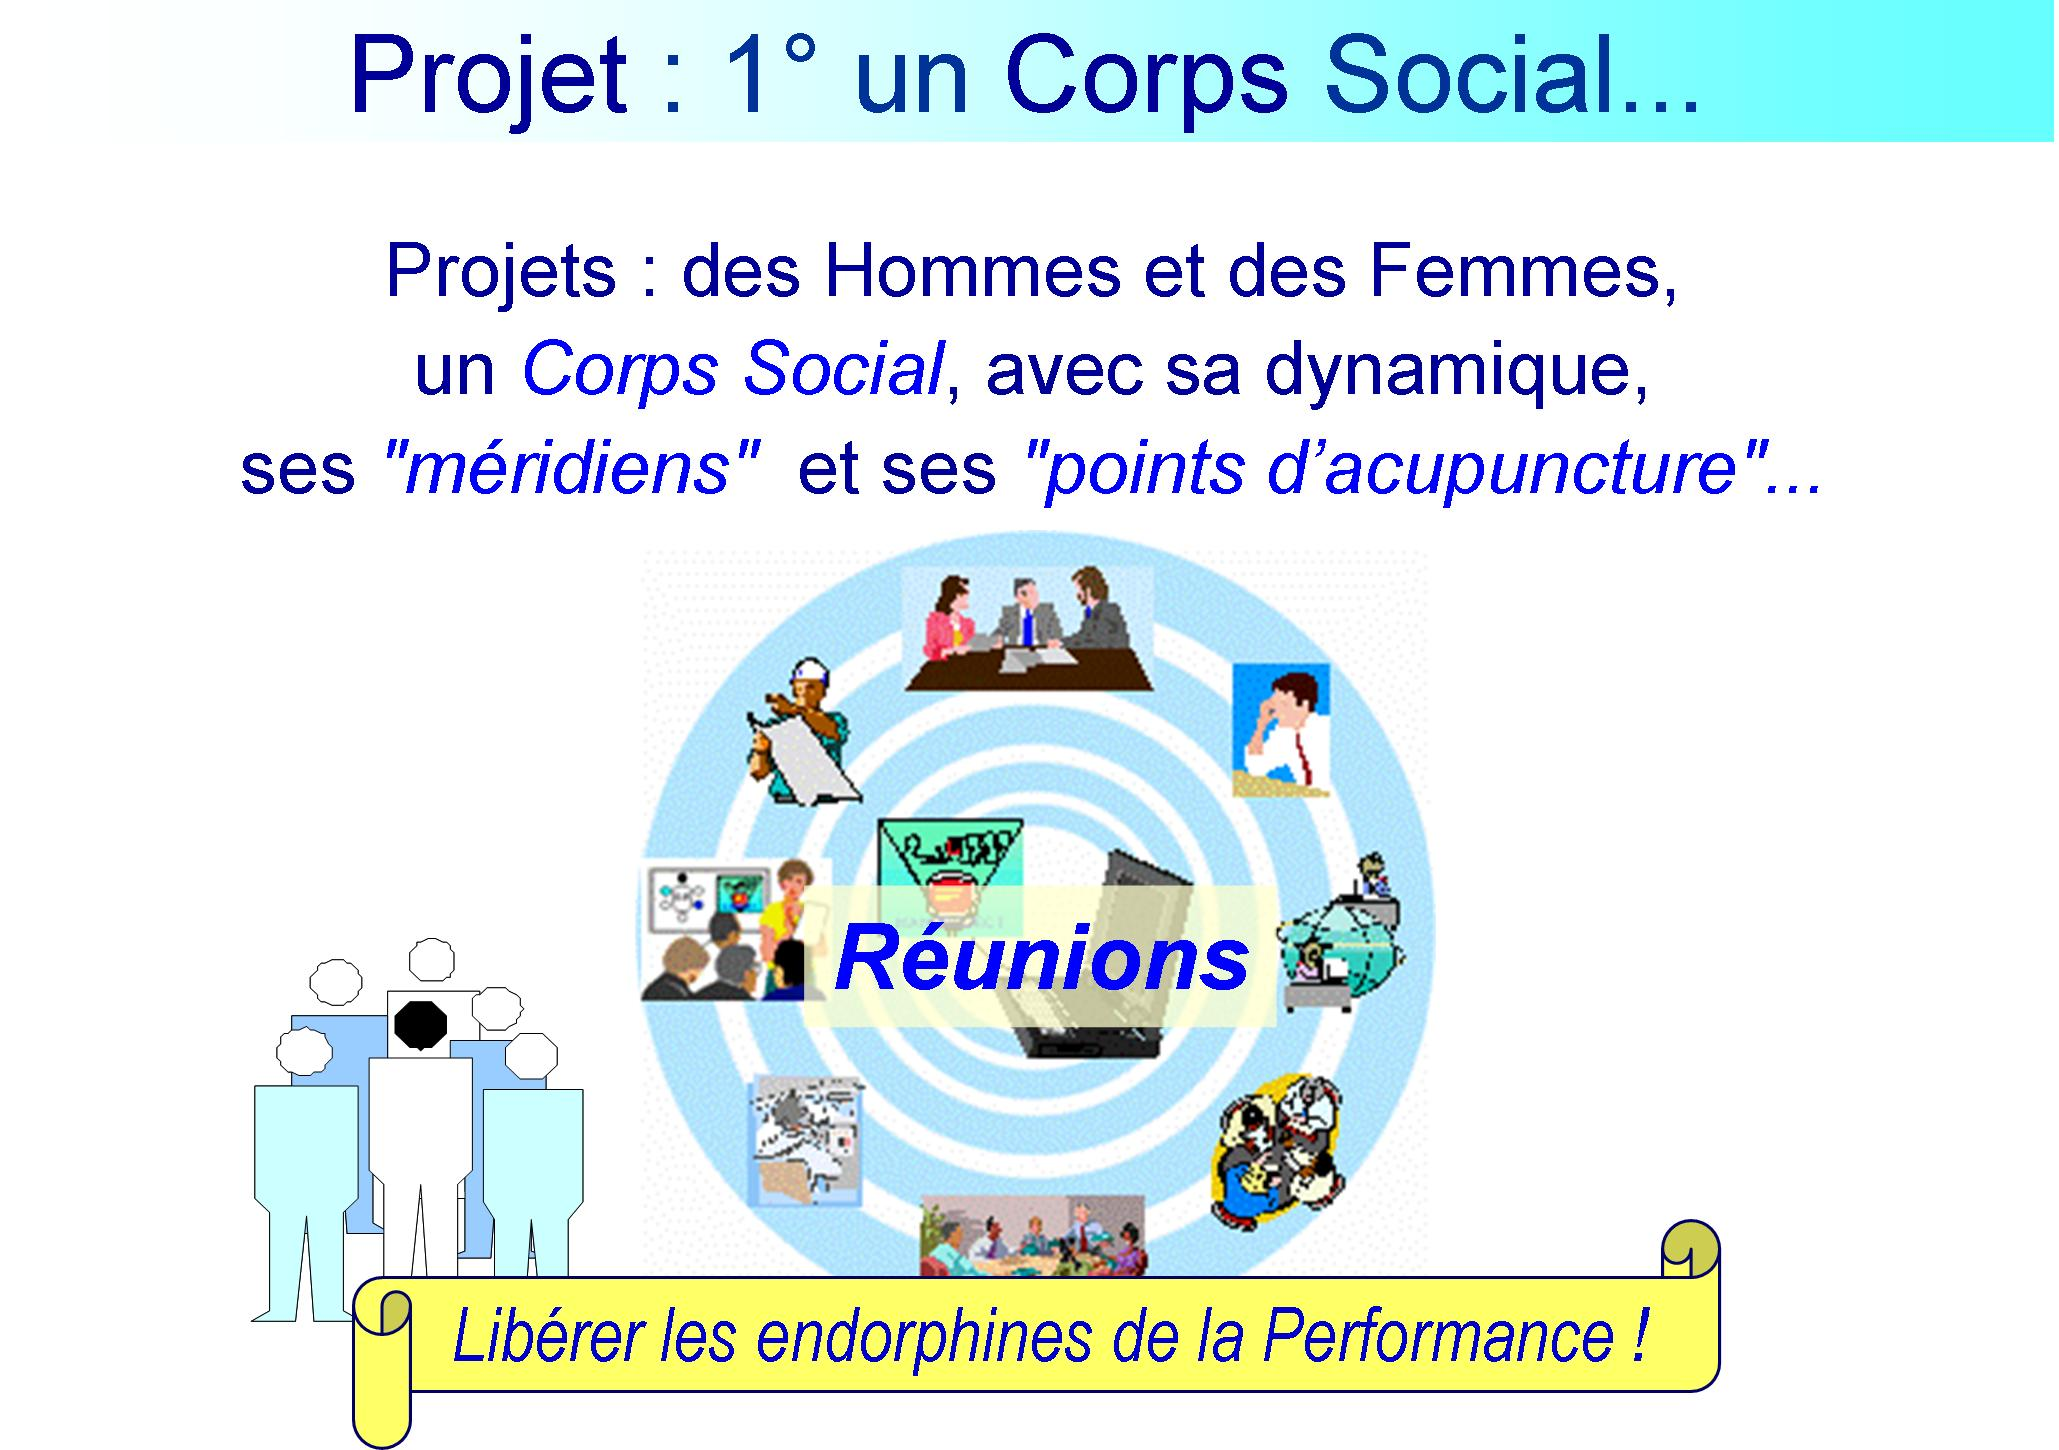 Projet un Corps Social